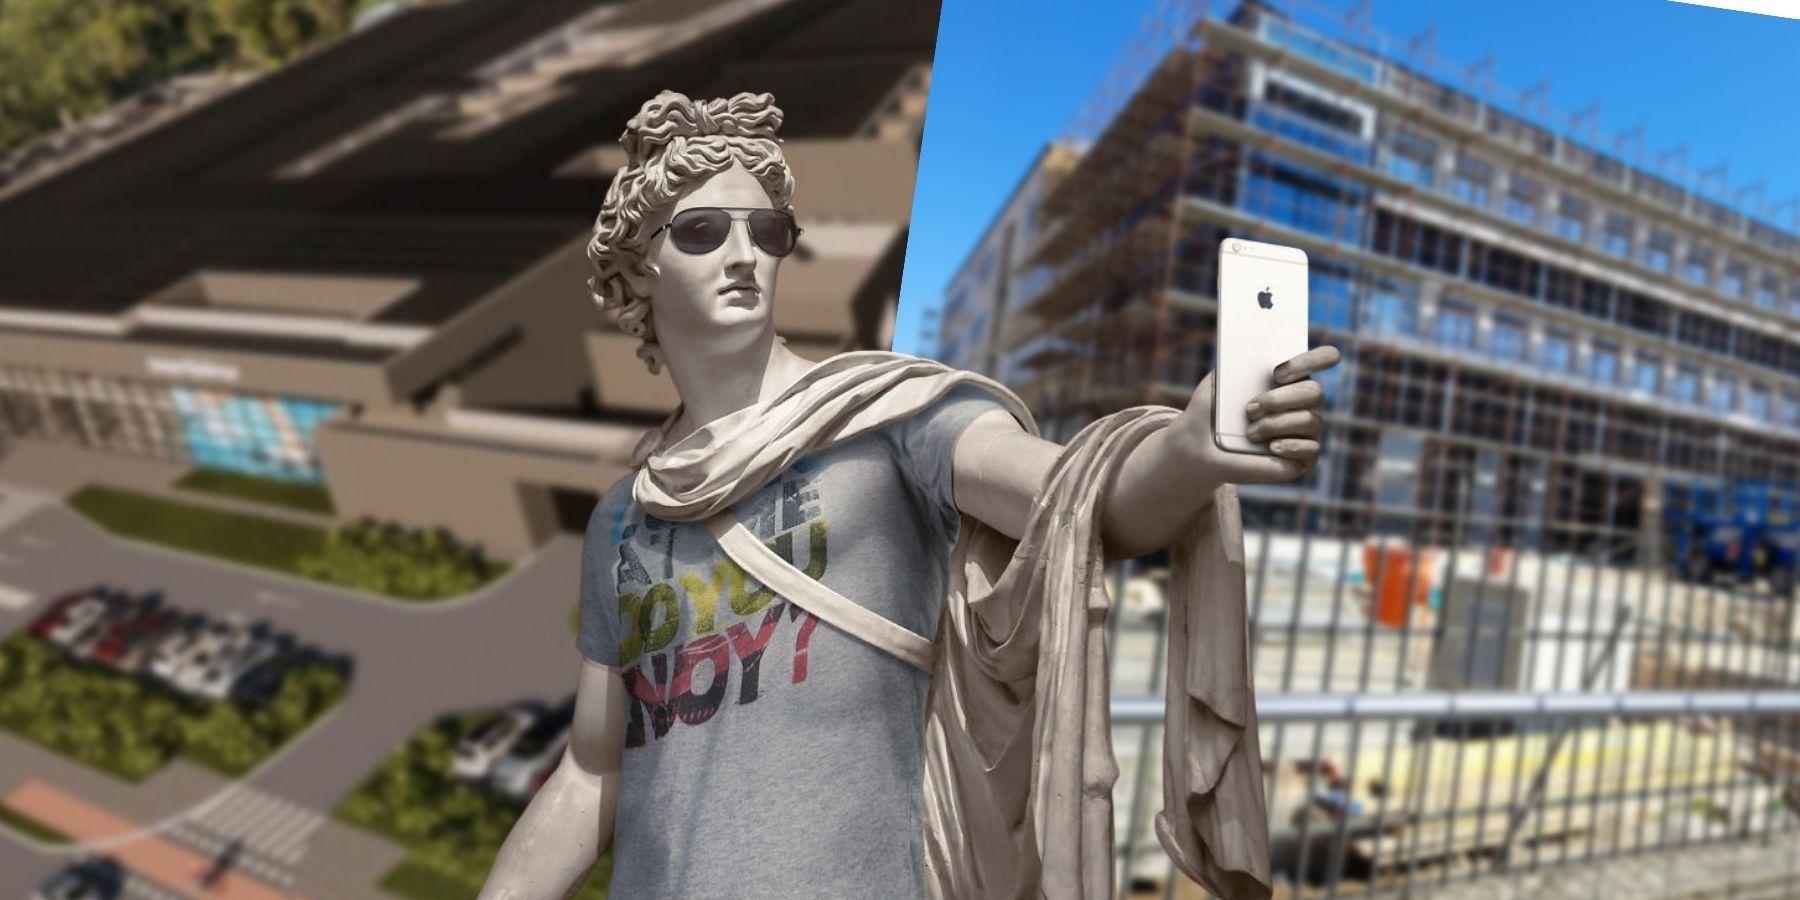 Što je to u ljudskom liku, što ga tjera prema spomeniku?